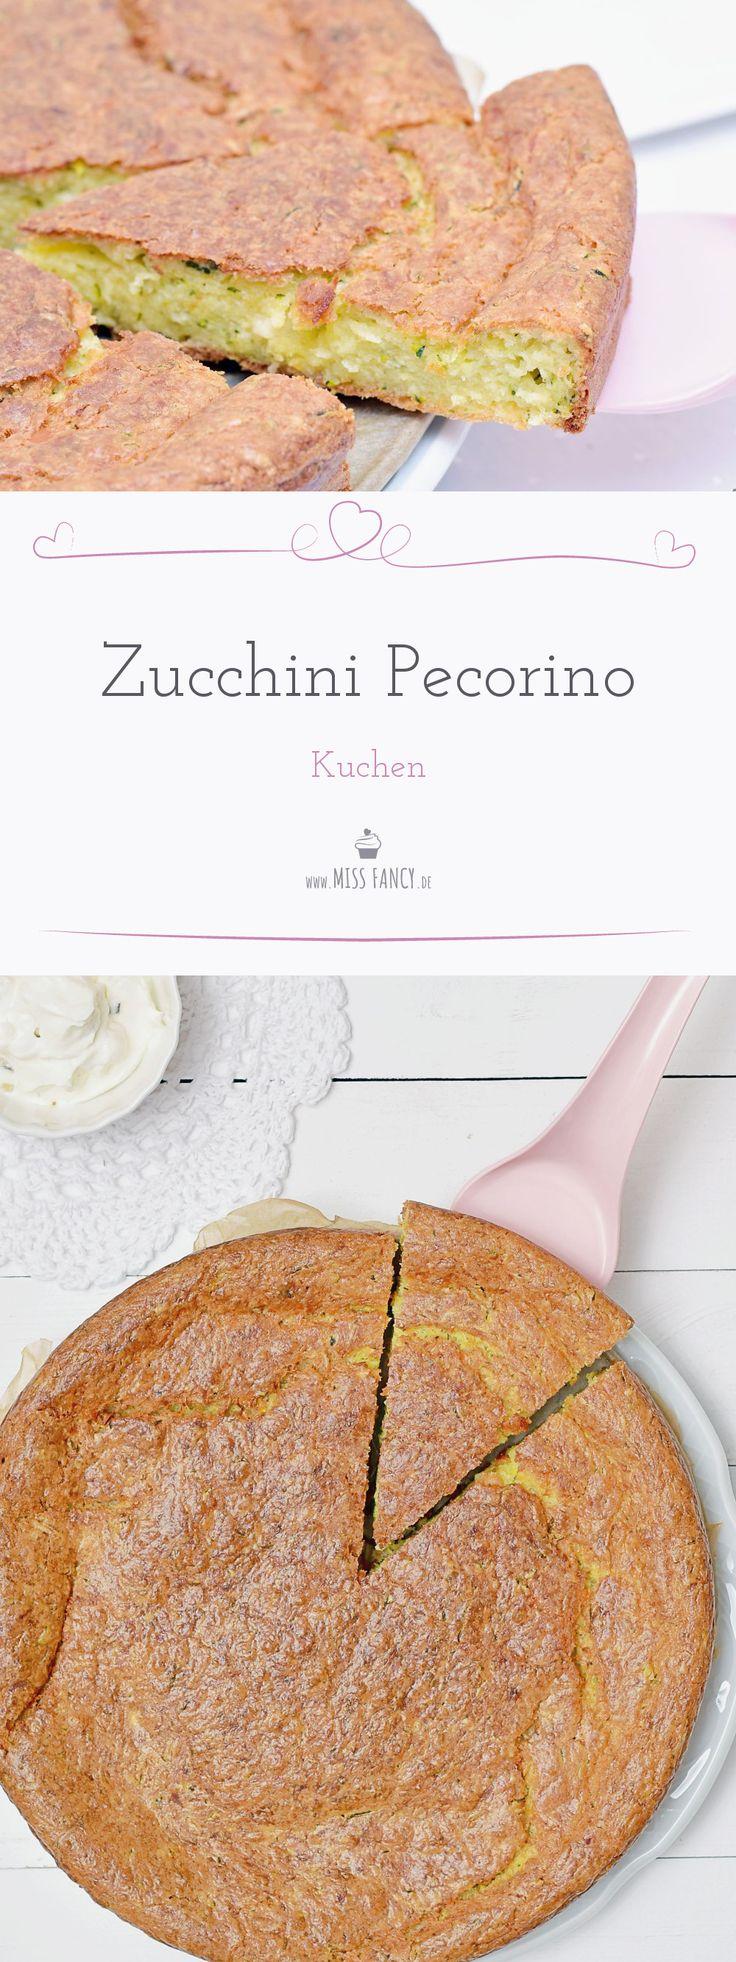 Dieser herzhafte Zucchini Pecorino Kuchen ist wahrlich keine Schönheit,  schmeckt aber absolut lecker und ist daher heute mein Rezeptvorschlag  für dich. #herzhaft #Kuchen #Zucchinikuchen